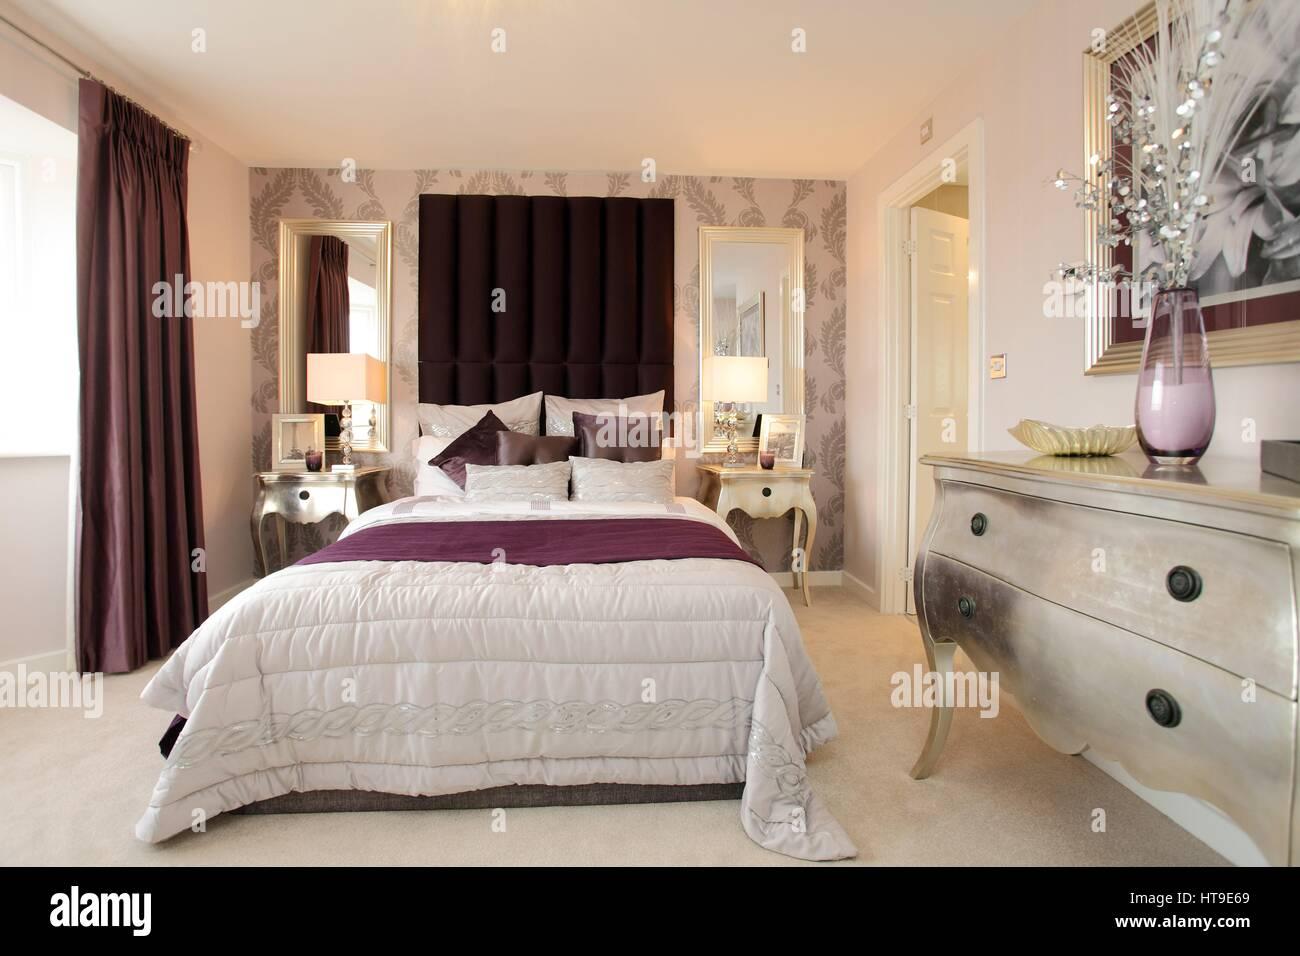 Home intérieur, une chambre décorée dans des couleurs crème et mauve ...